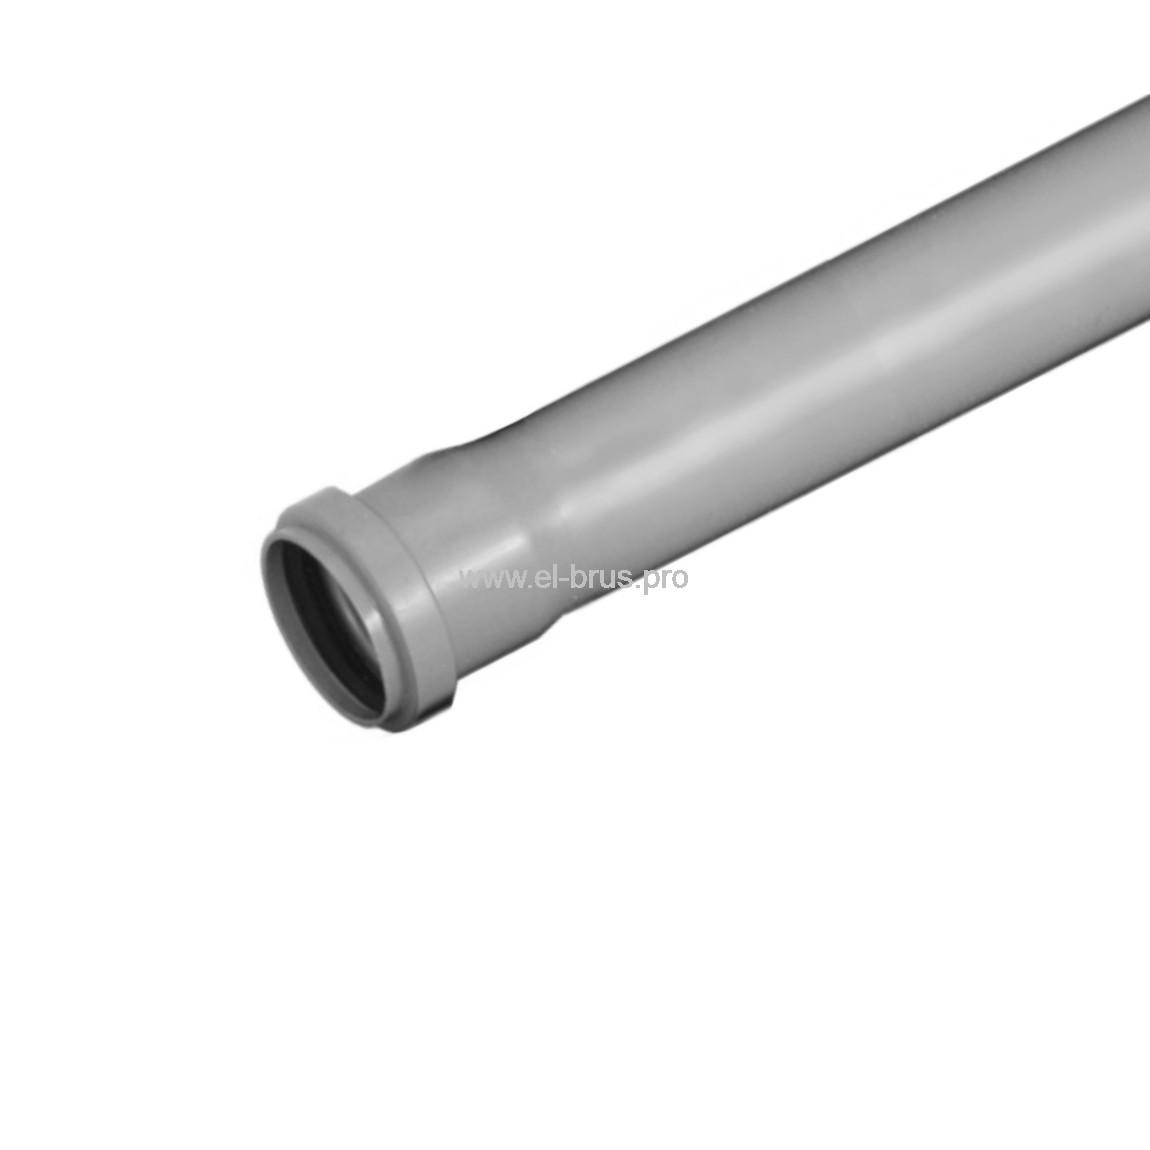 Труба с раструбом ПП  Ø50х1,8х1000мм ВК ПОЛИТЭК